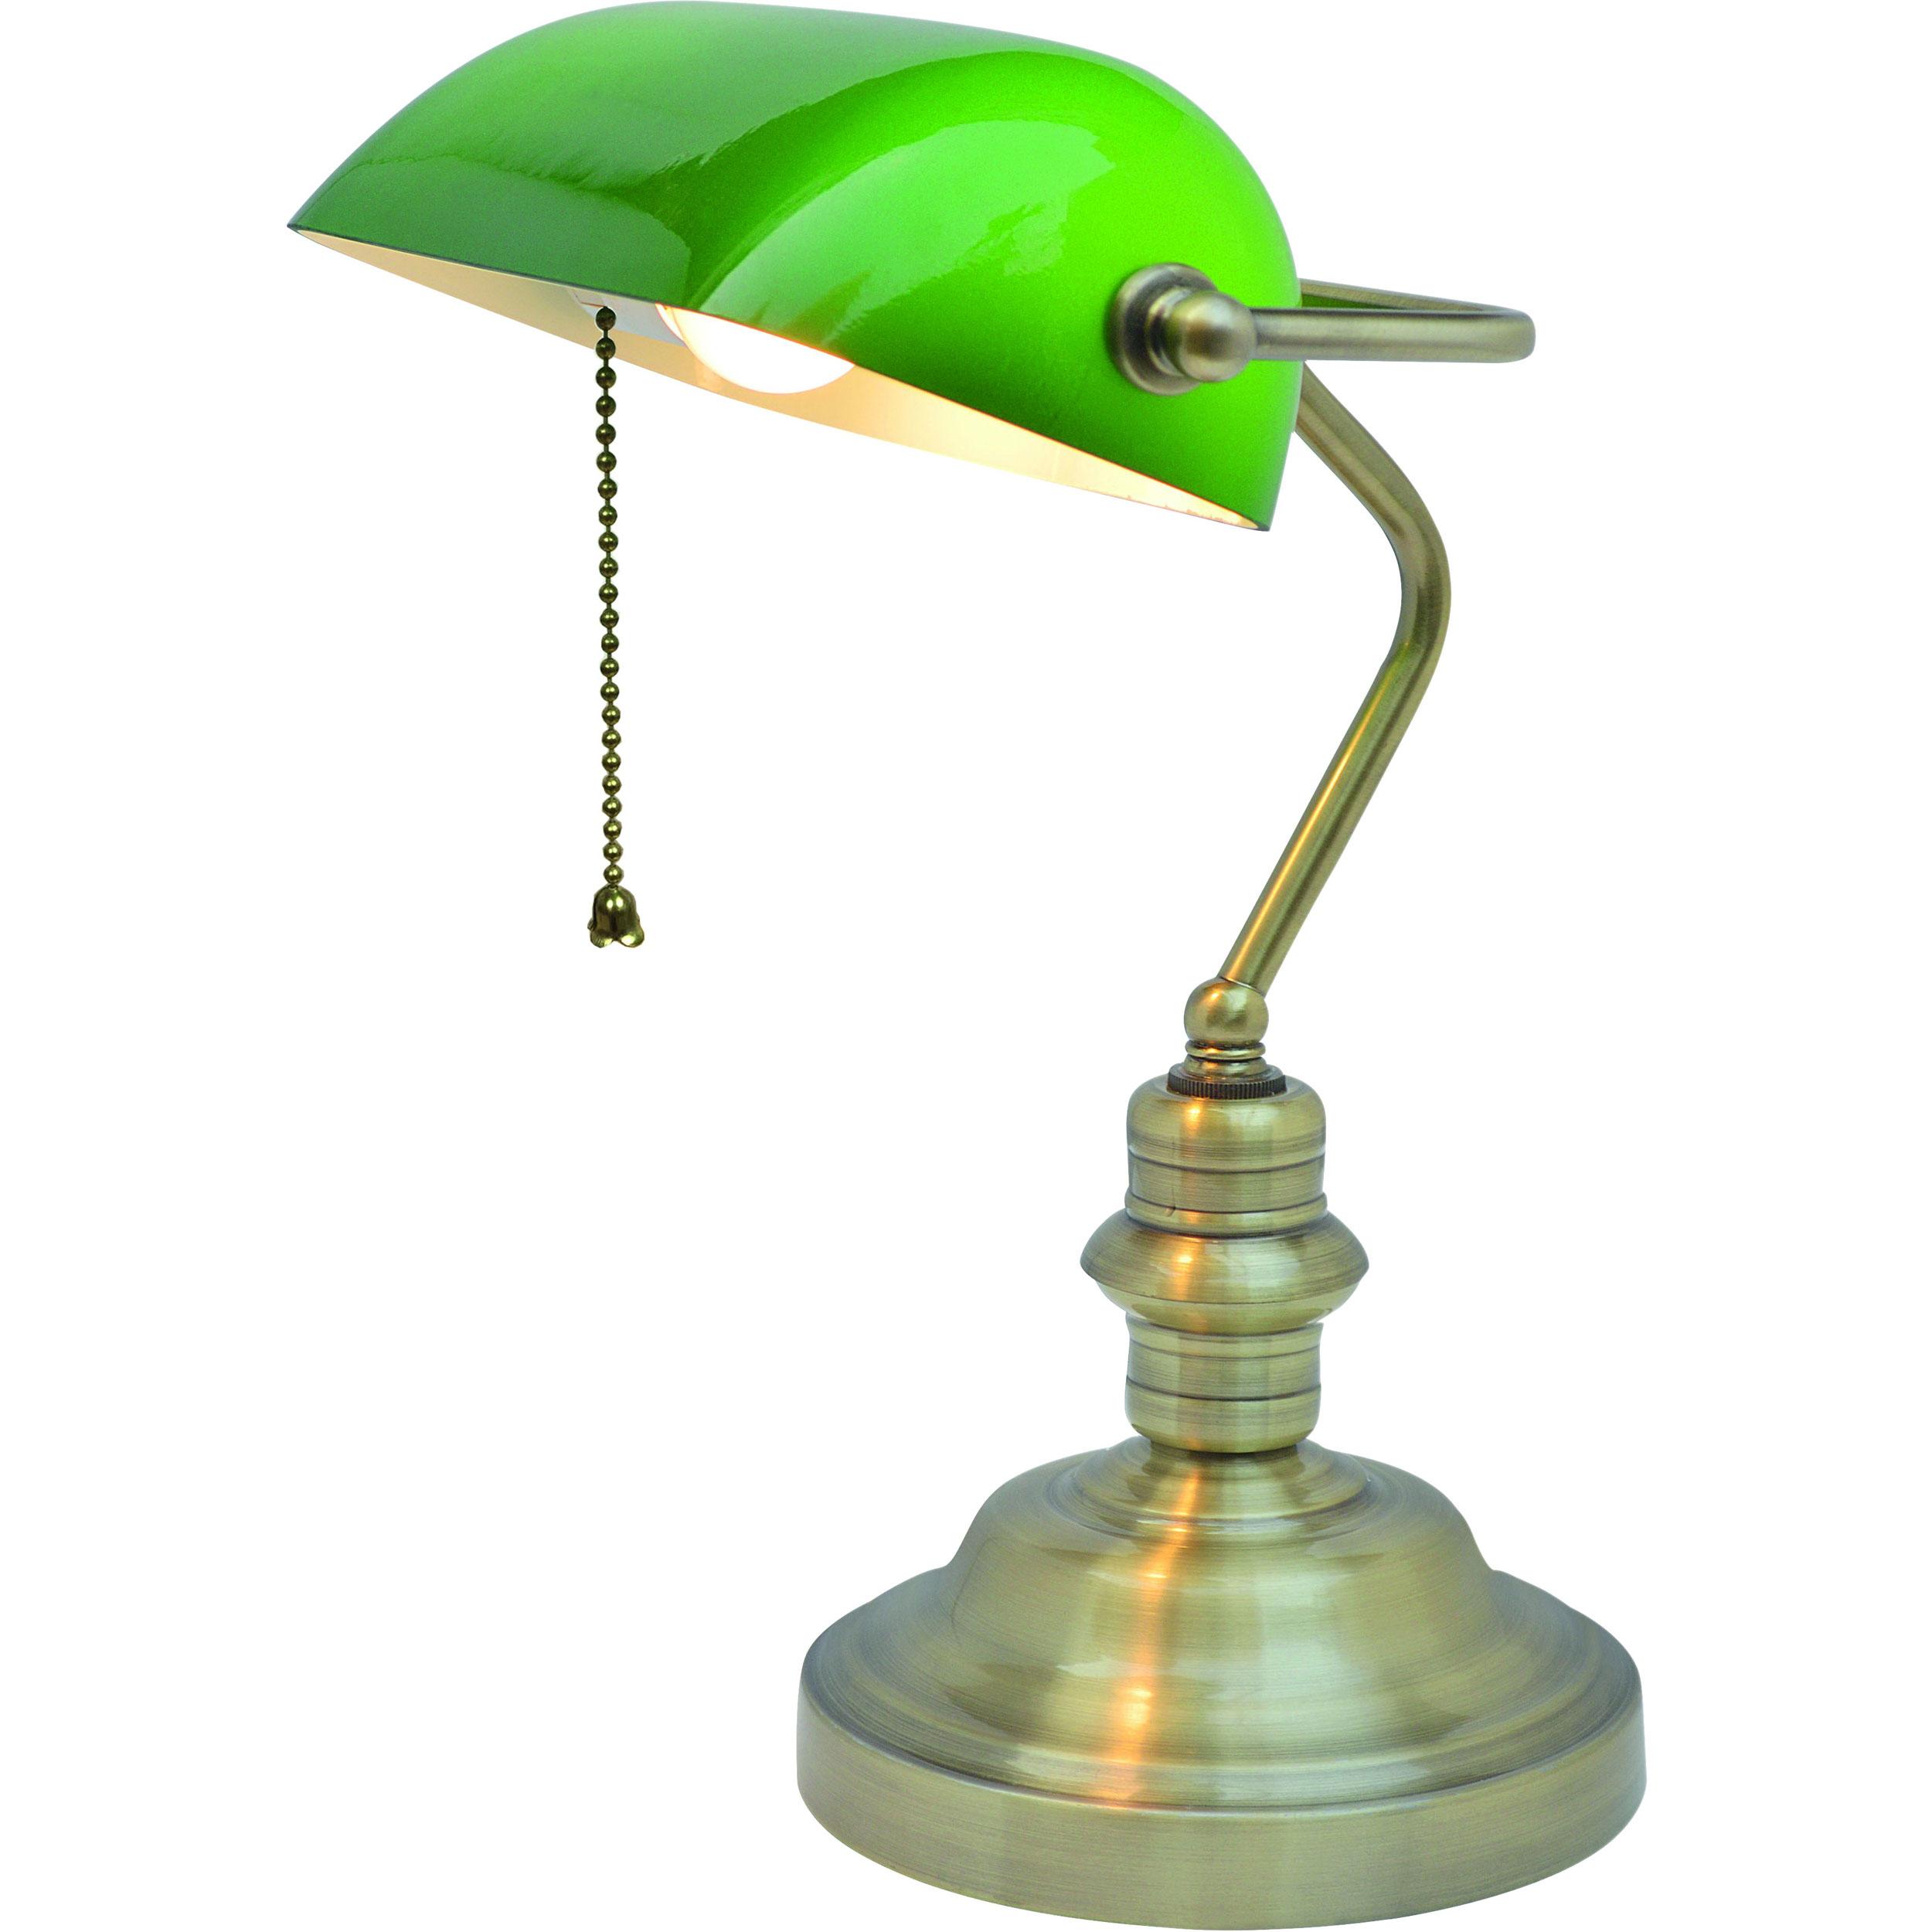 Купить настольную лампу на прищепке в Москве недорого